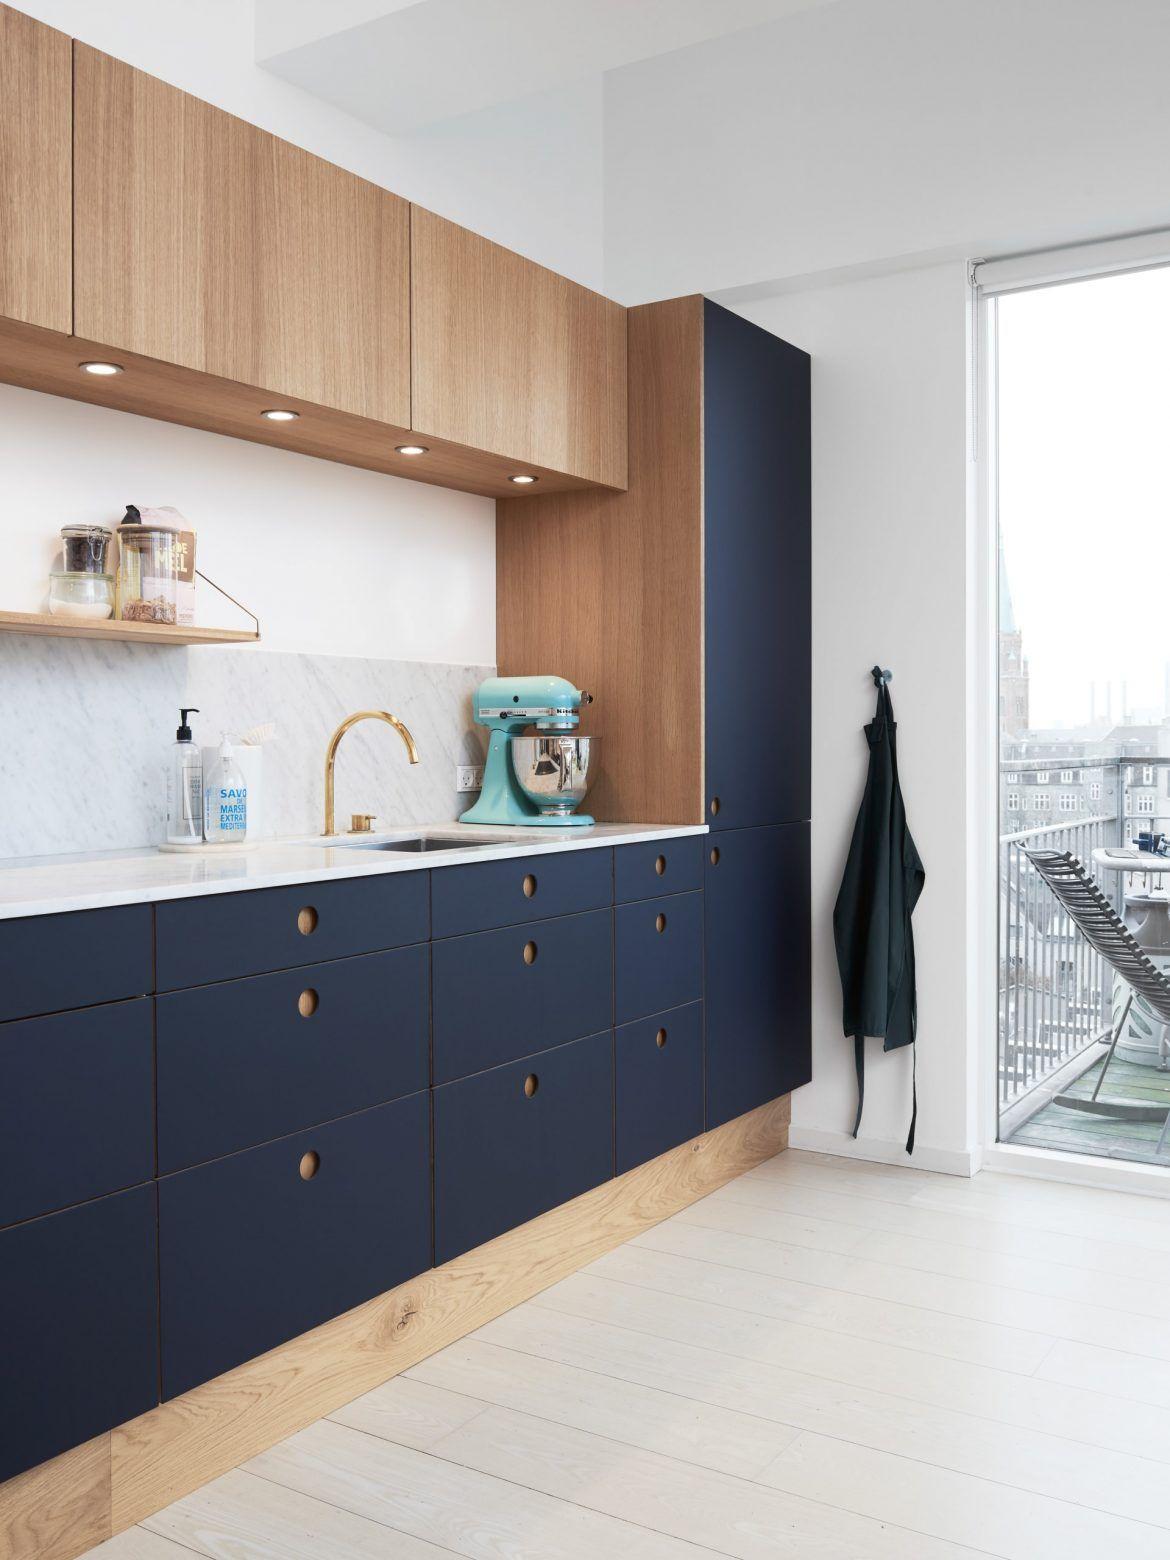 Reform Ou Comment Relooker Une Cuisine Ikea Cuisines Cuisiner - Plinthe carrelage cuisine professionnelle pour idees de deco de cuisine